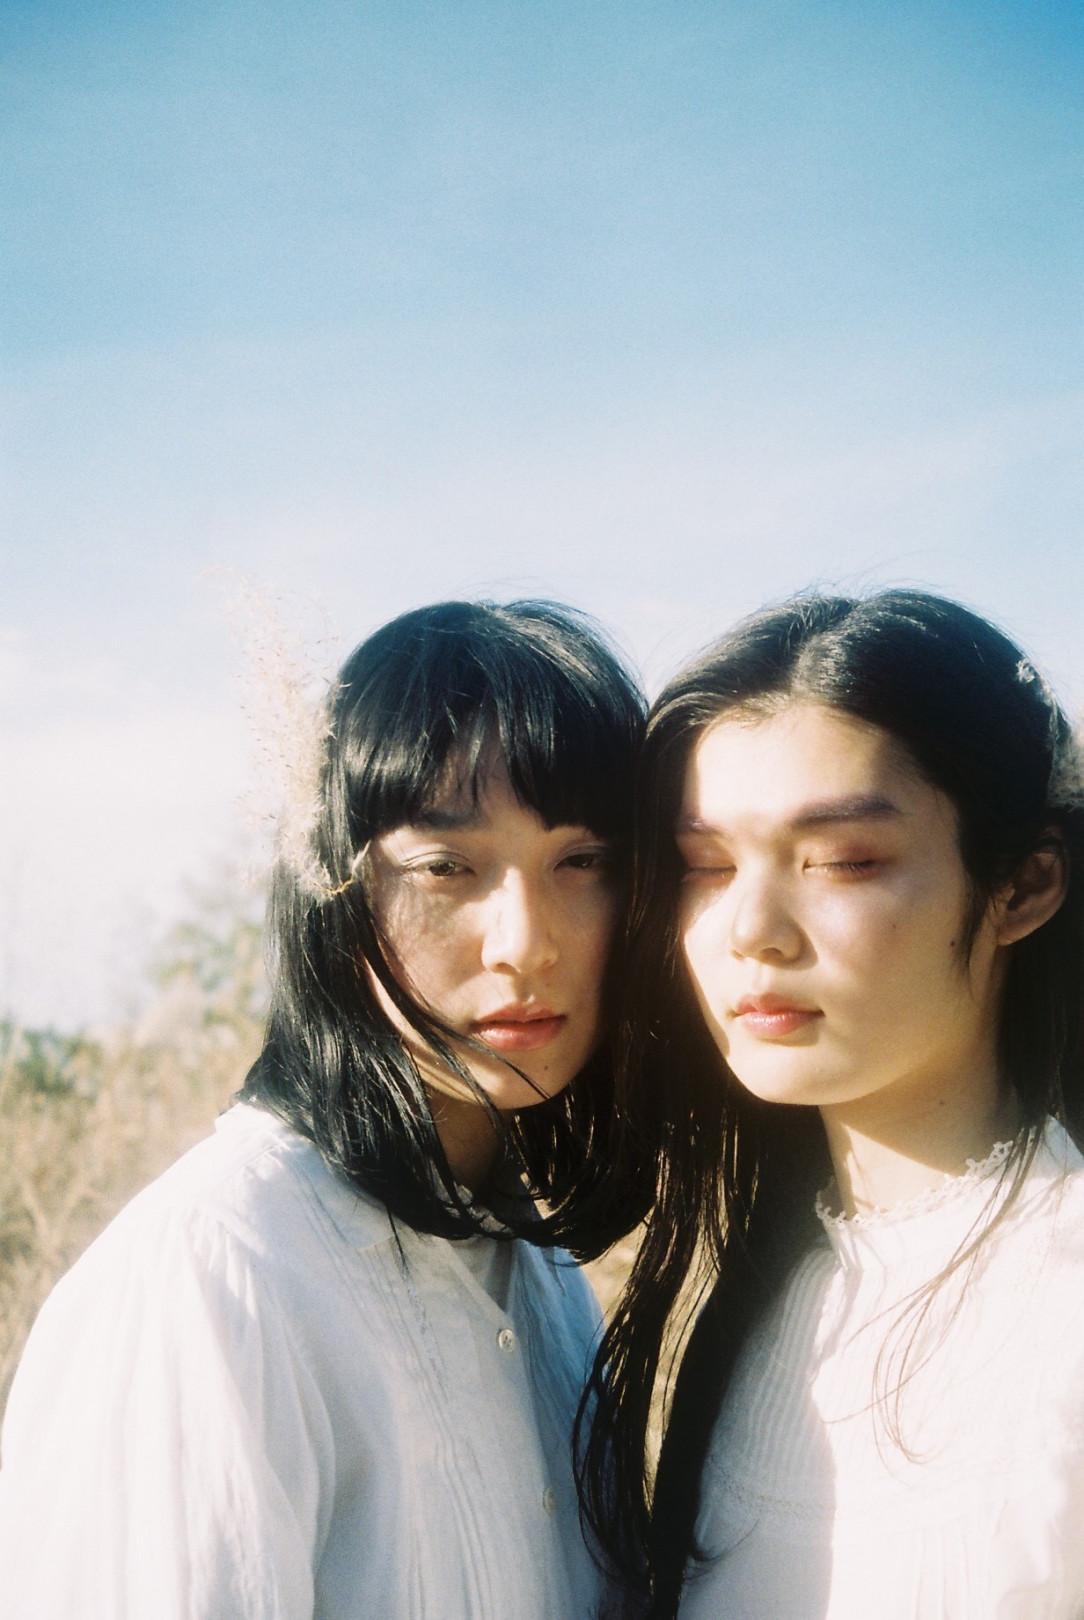 ヨシノハナ写真展「~ハナビラ~わたしがおいかけた風の中」